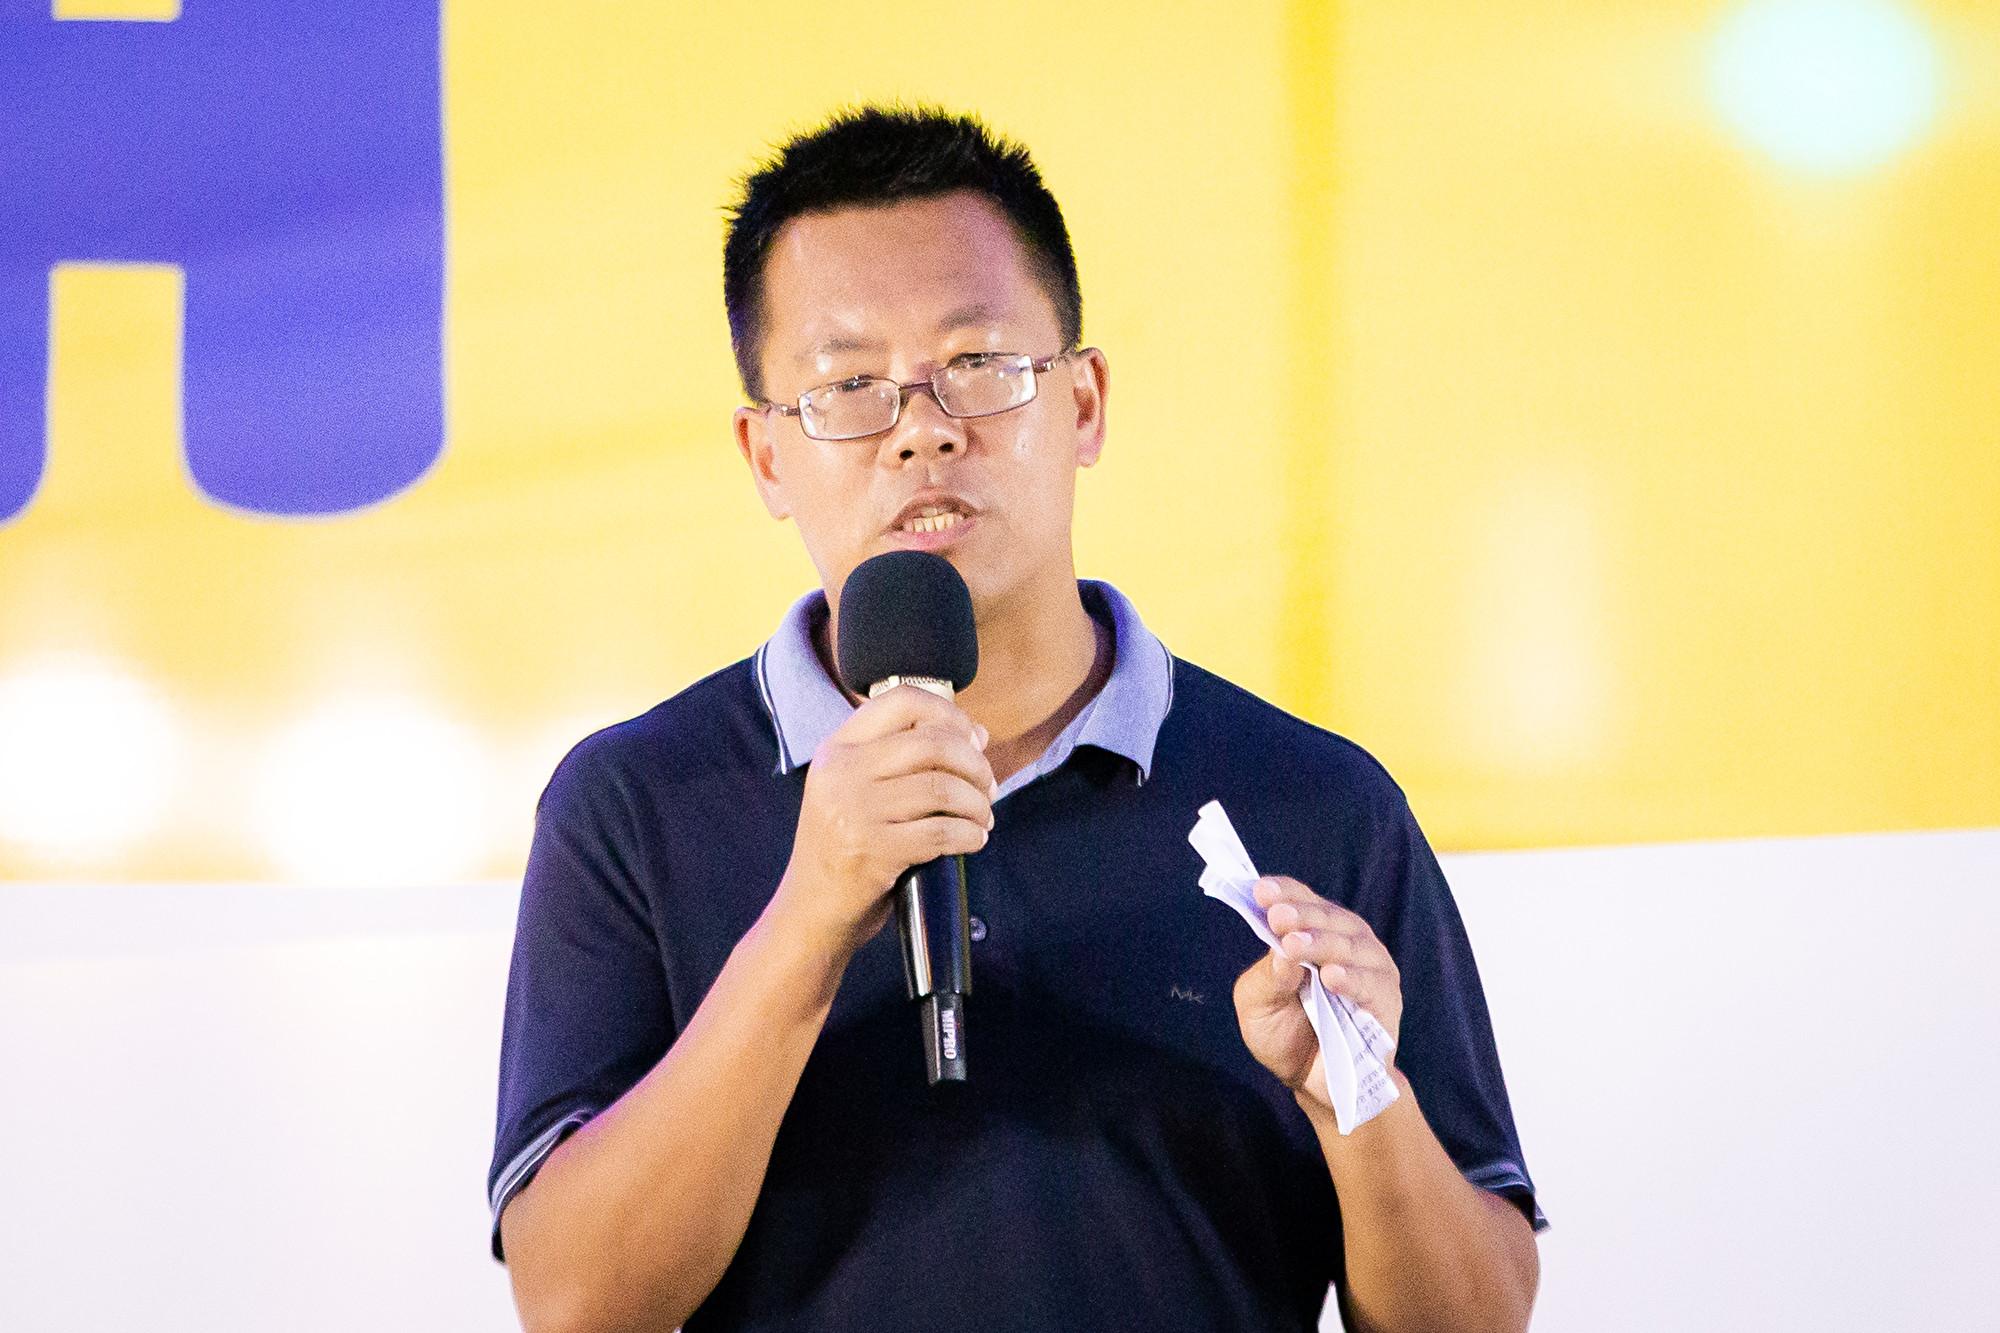 台灣北部部份法輪功學員7月20日晚間,在台北市民廣場舉行反迫害20周年記者會暨燭光悼念會。圖為著名維權律師滕彪出席發言。(陳柏州/大紀元)